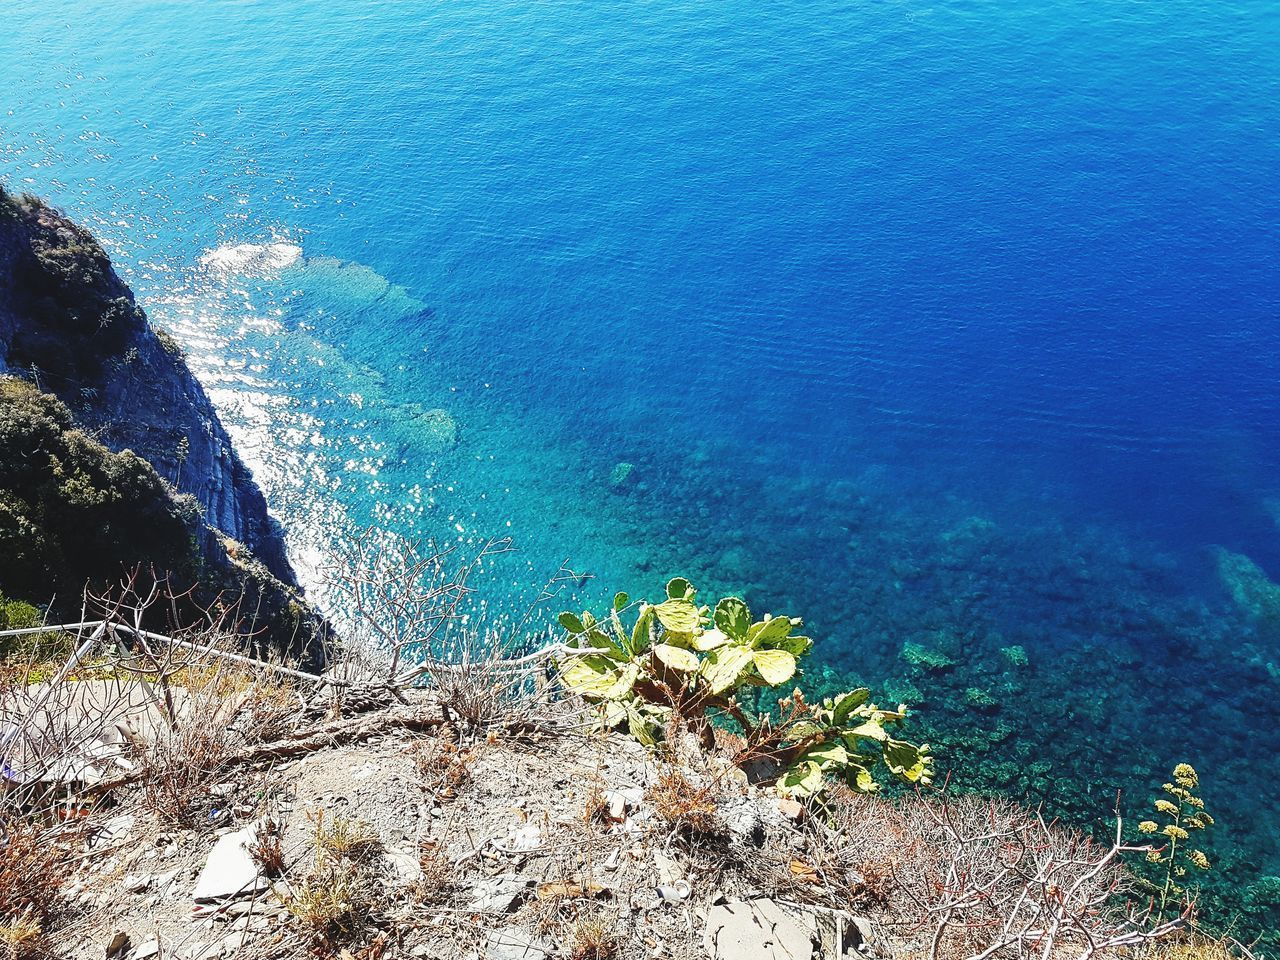 HIGH ANGLE VIEW OF ROCKS AND SEA